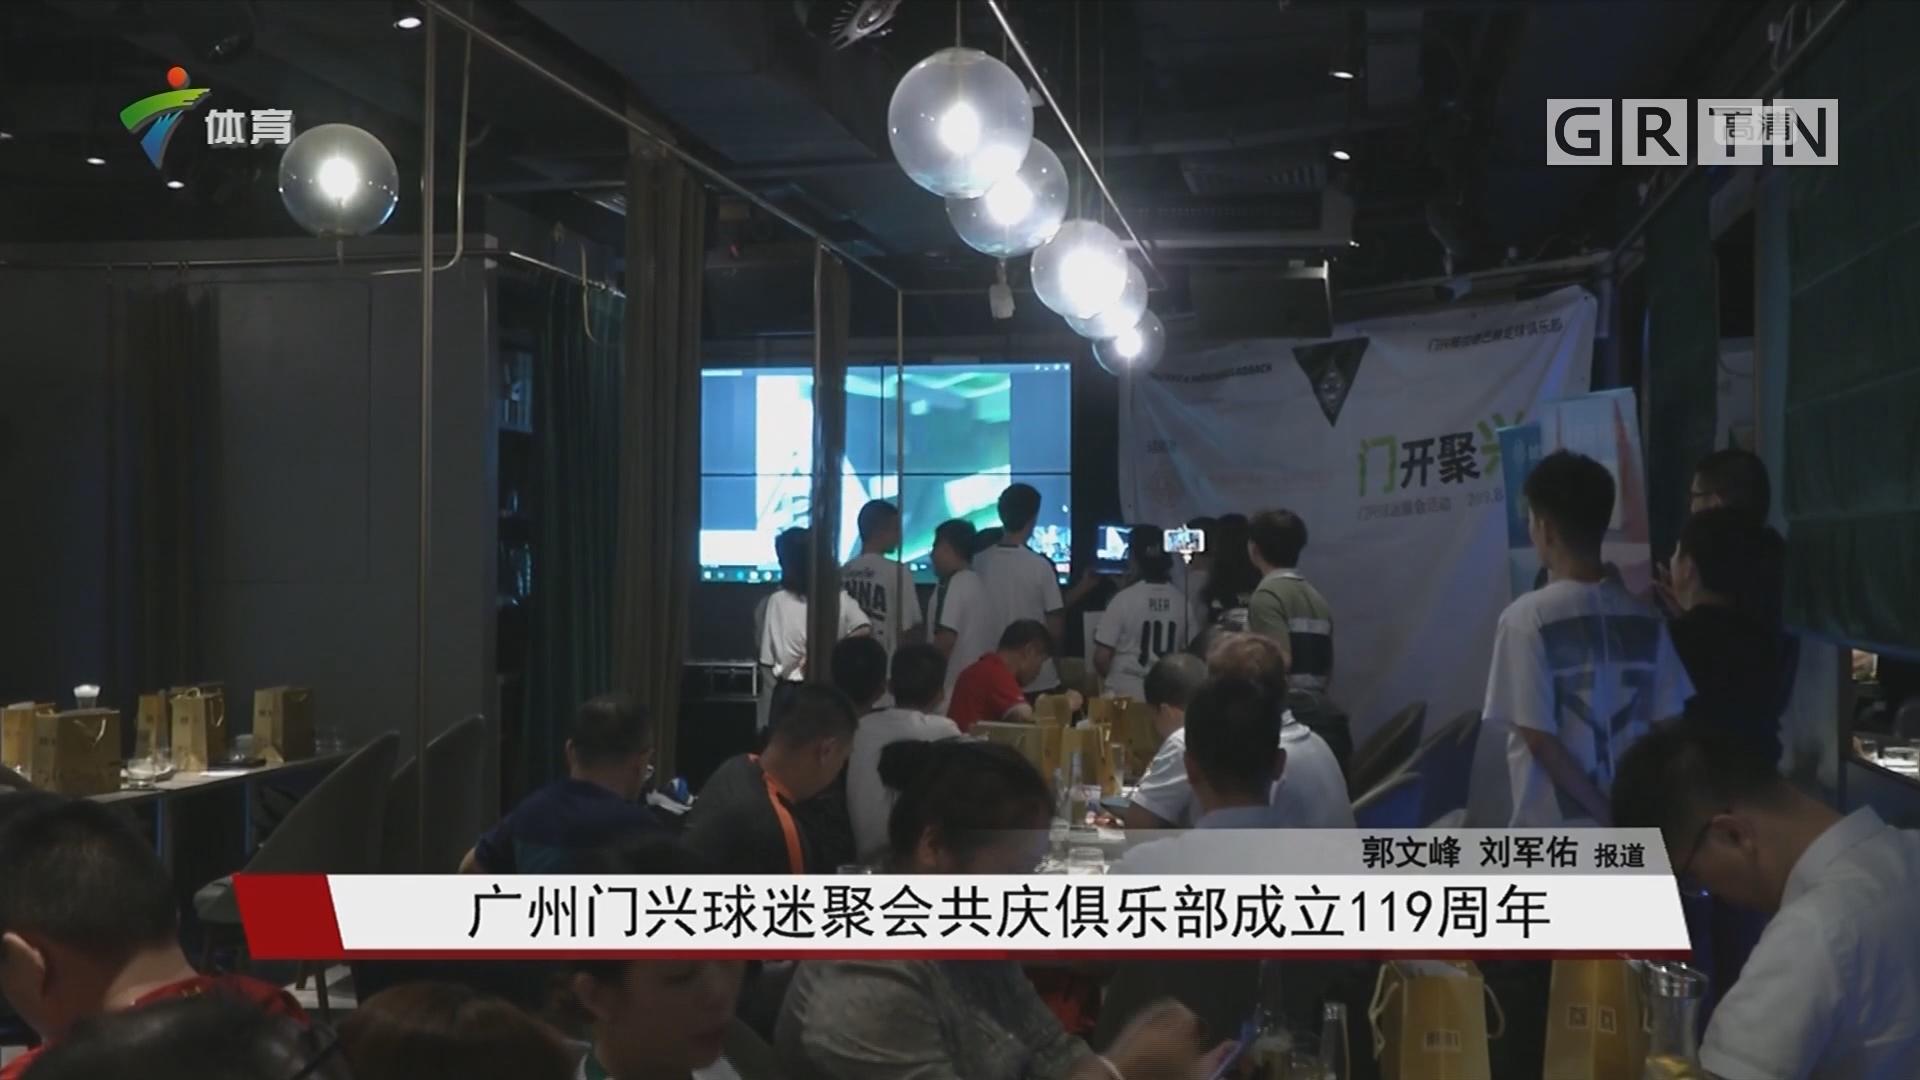 广州门兴球迷聚会共庆俱乐部成立119周年